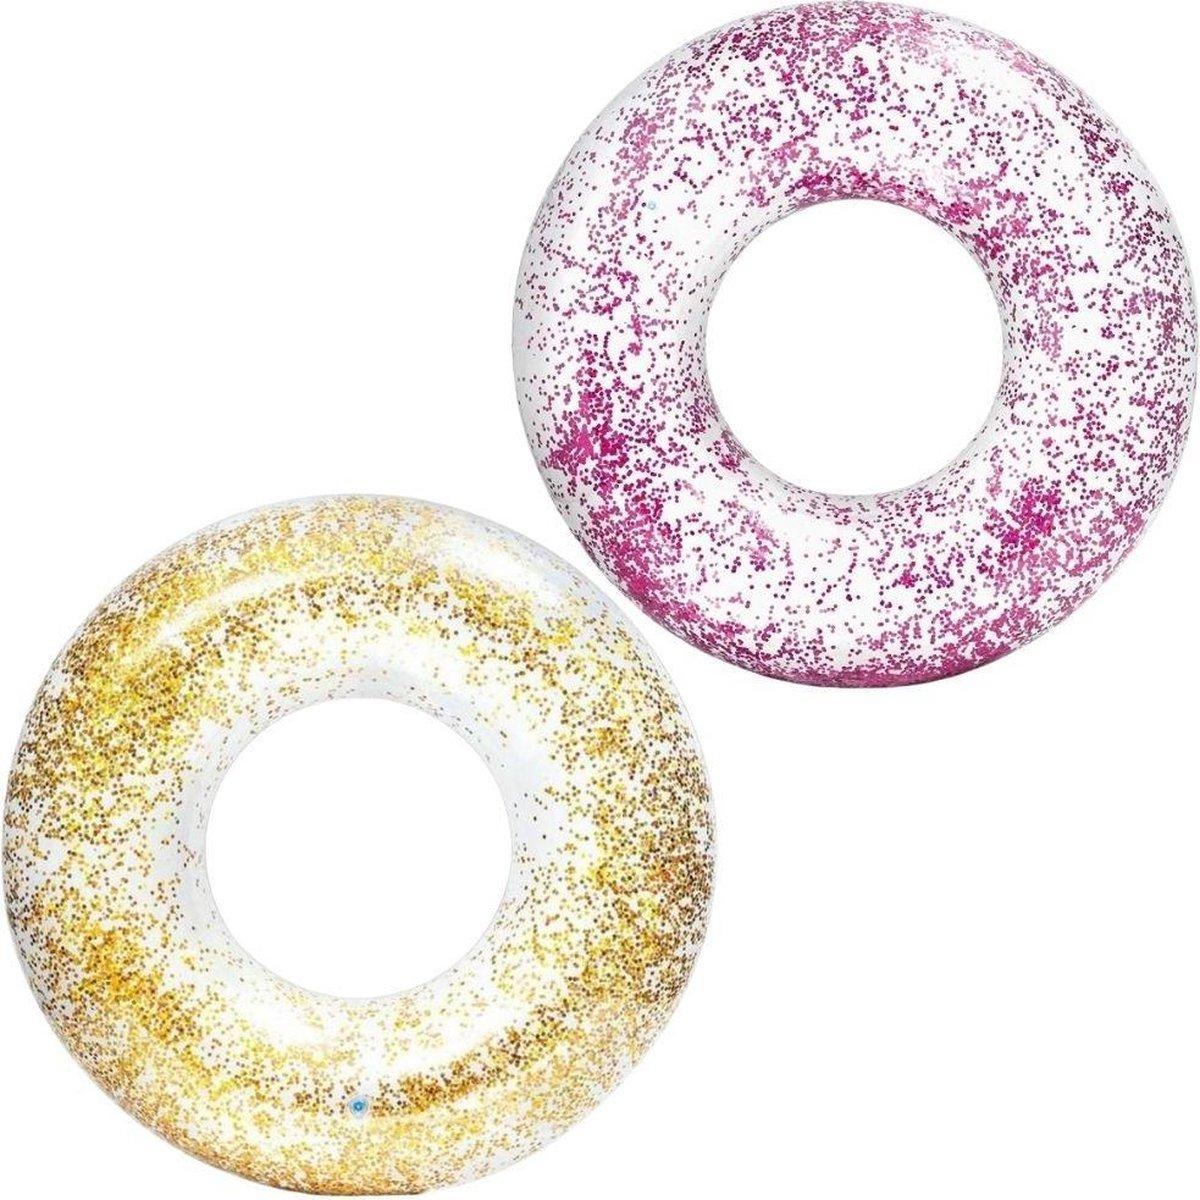 Intex Zwemband Glitter Roze en Goud - 2 stuks - 119 cm - Inclusief Reperatieset